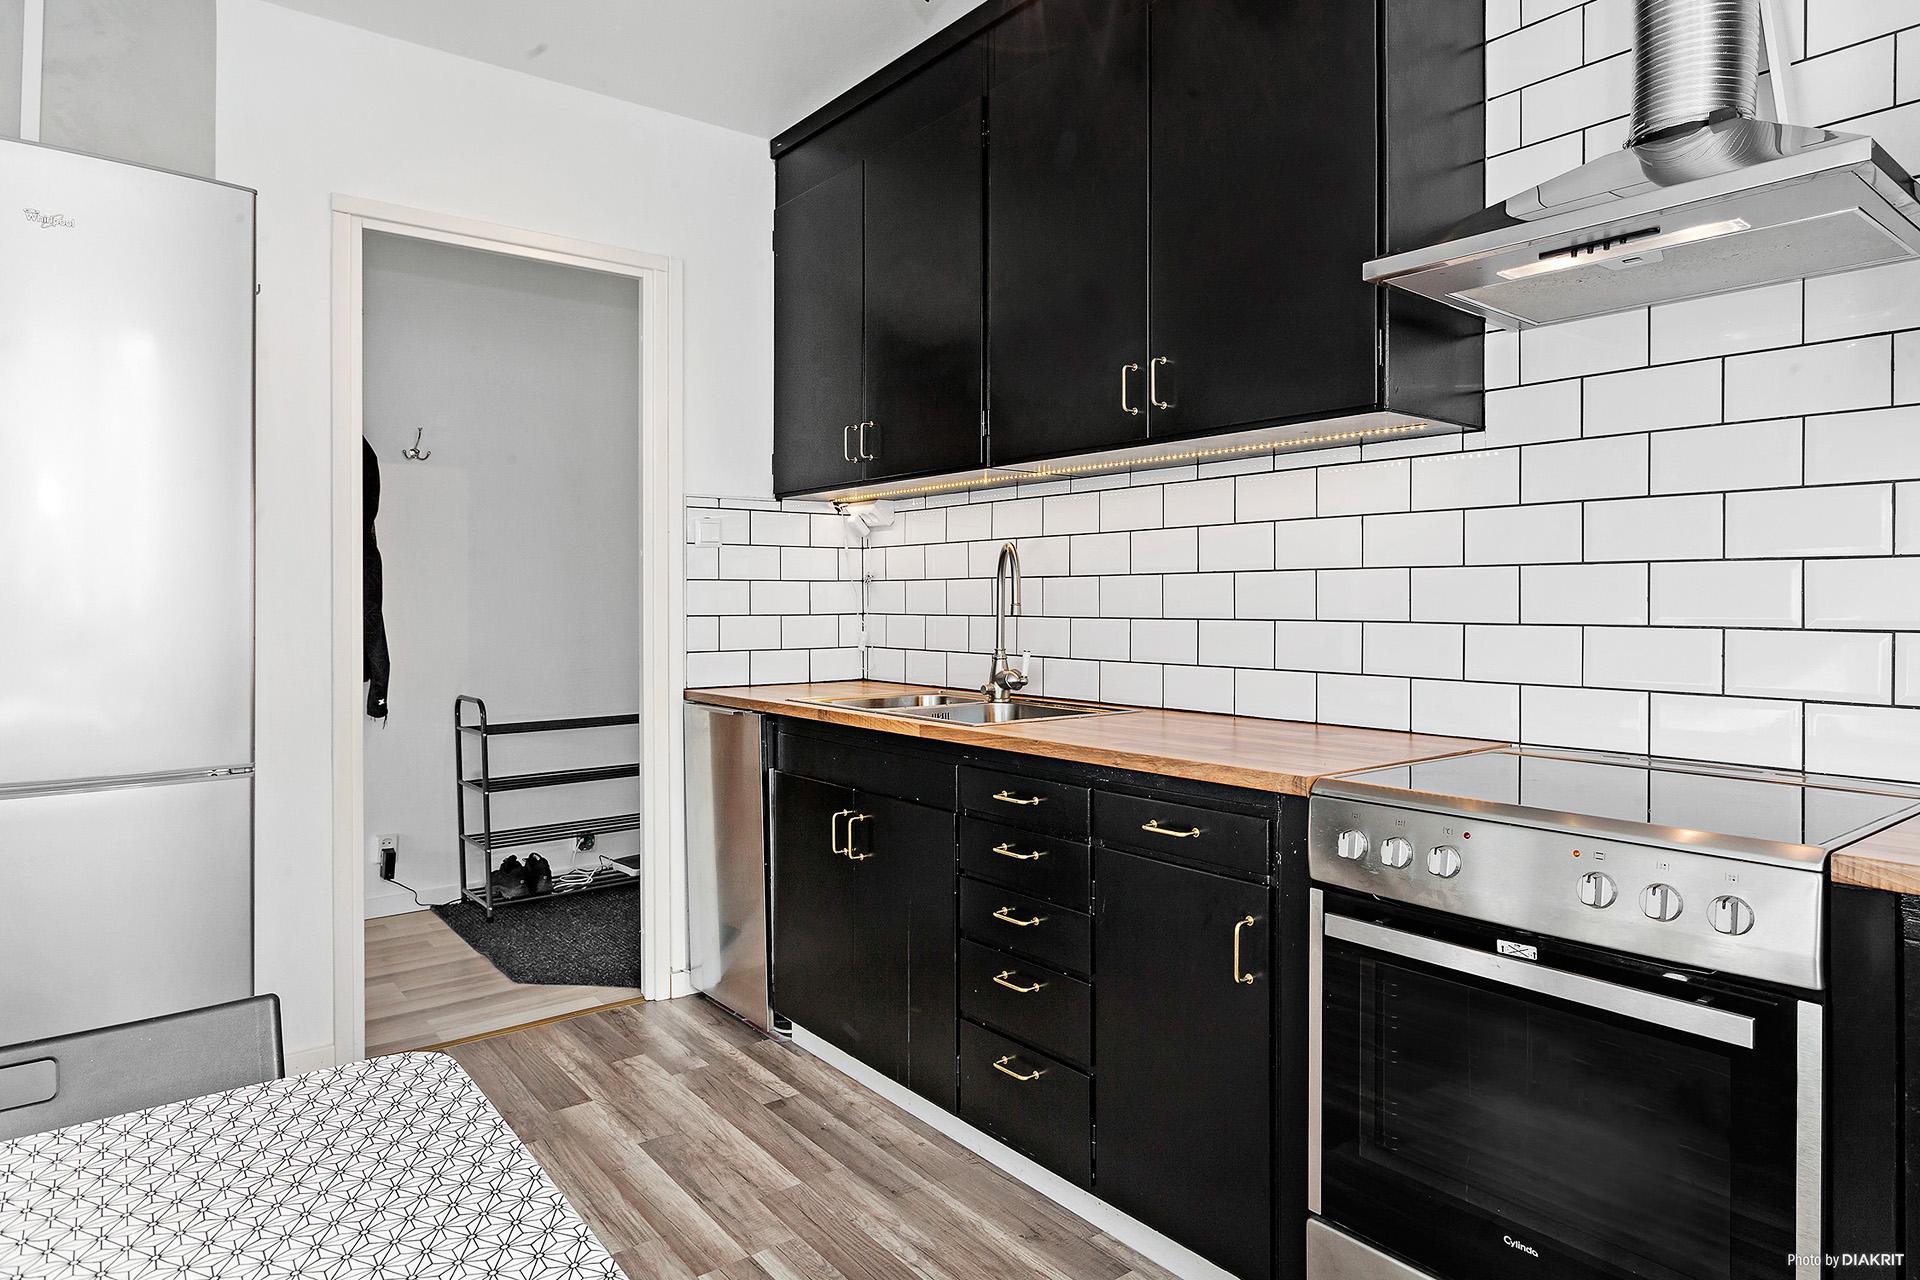 Köket är uppfräschat med målade skåpluckor och nytt kakel